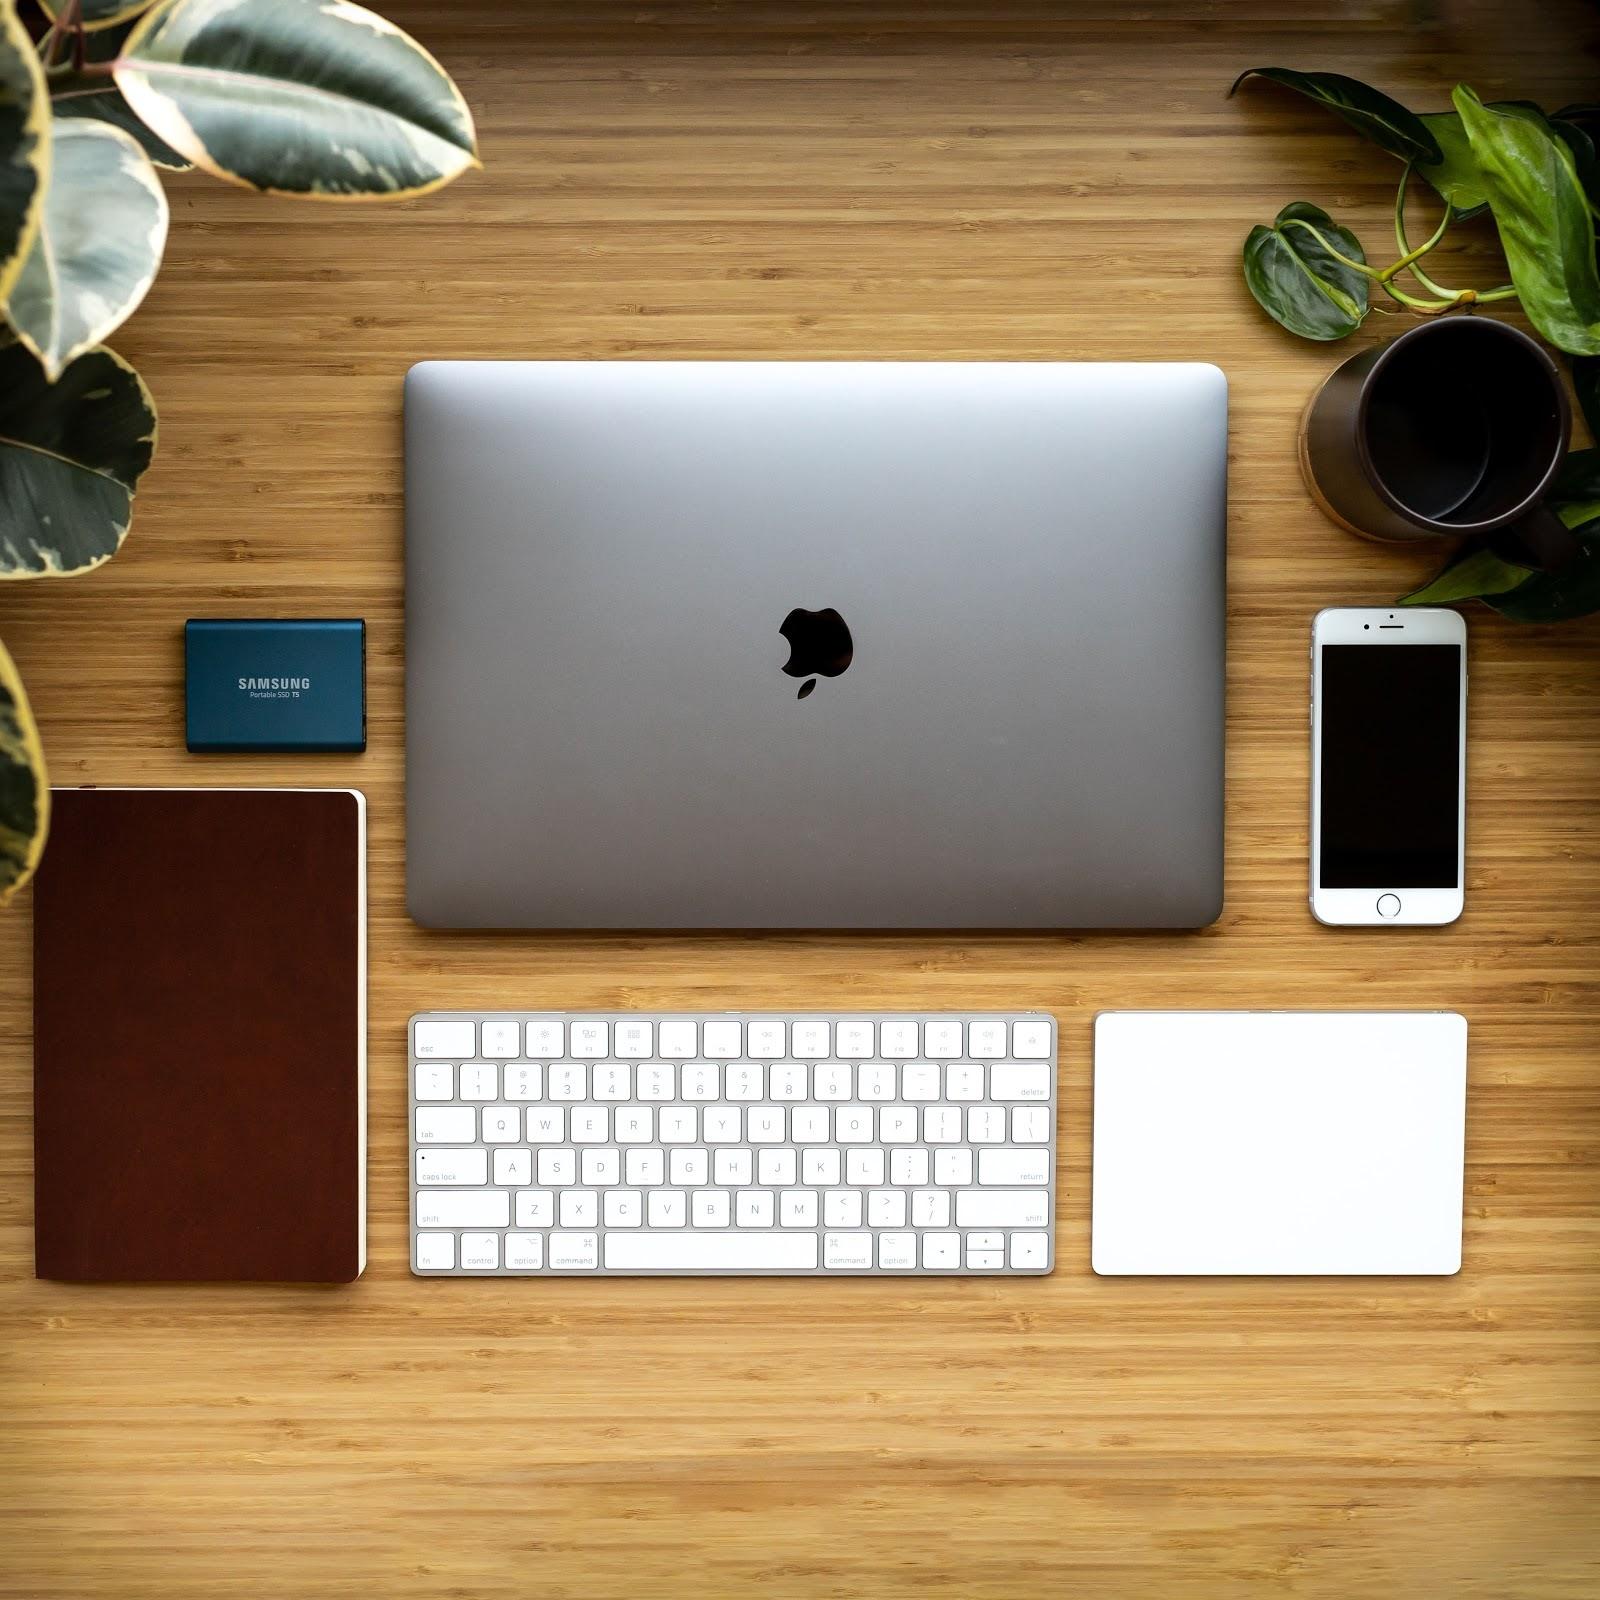 Plantes et ordinateur, clavier, téléphone posés sur une table en bois